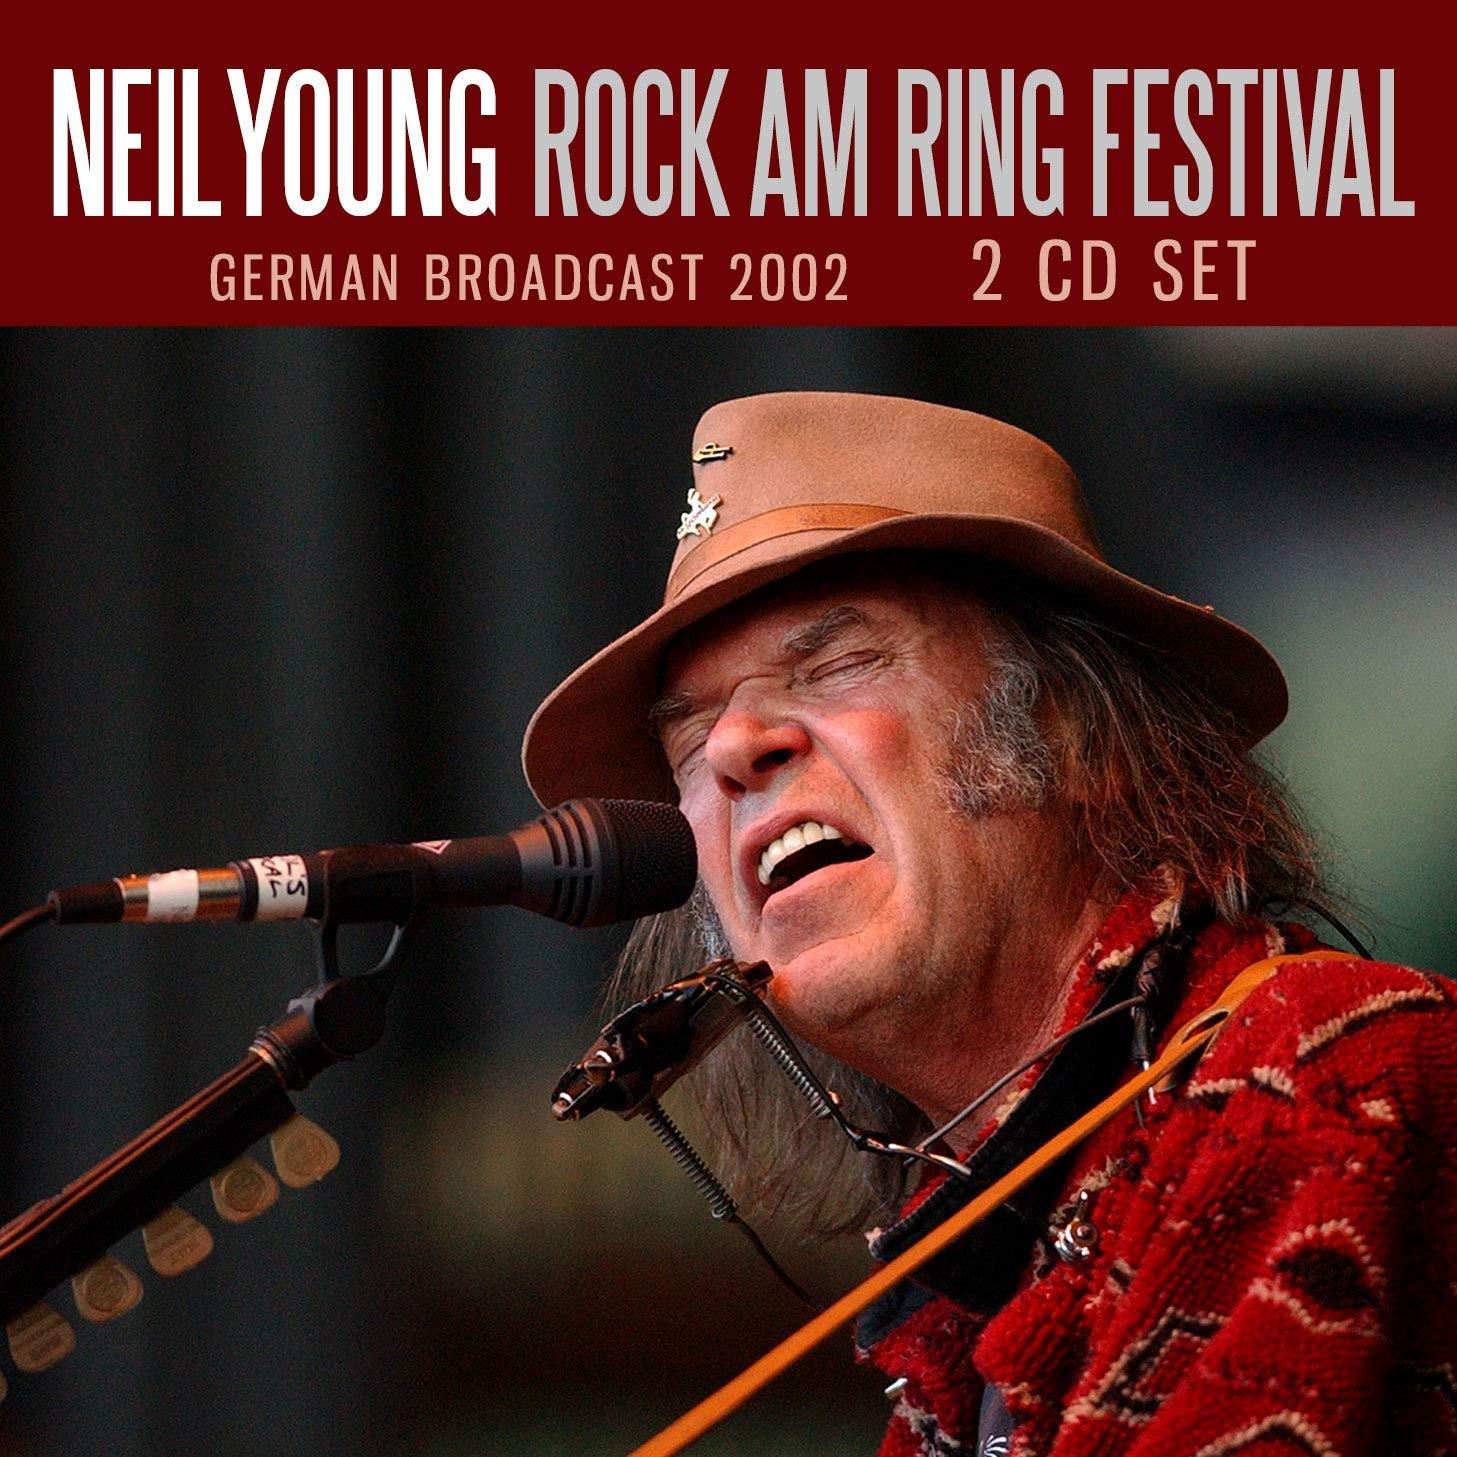 Rock Am Ring, Nürnberg 2002 (2CD)